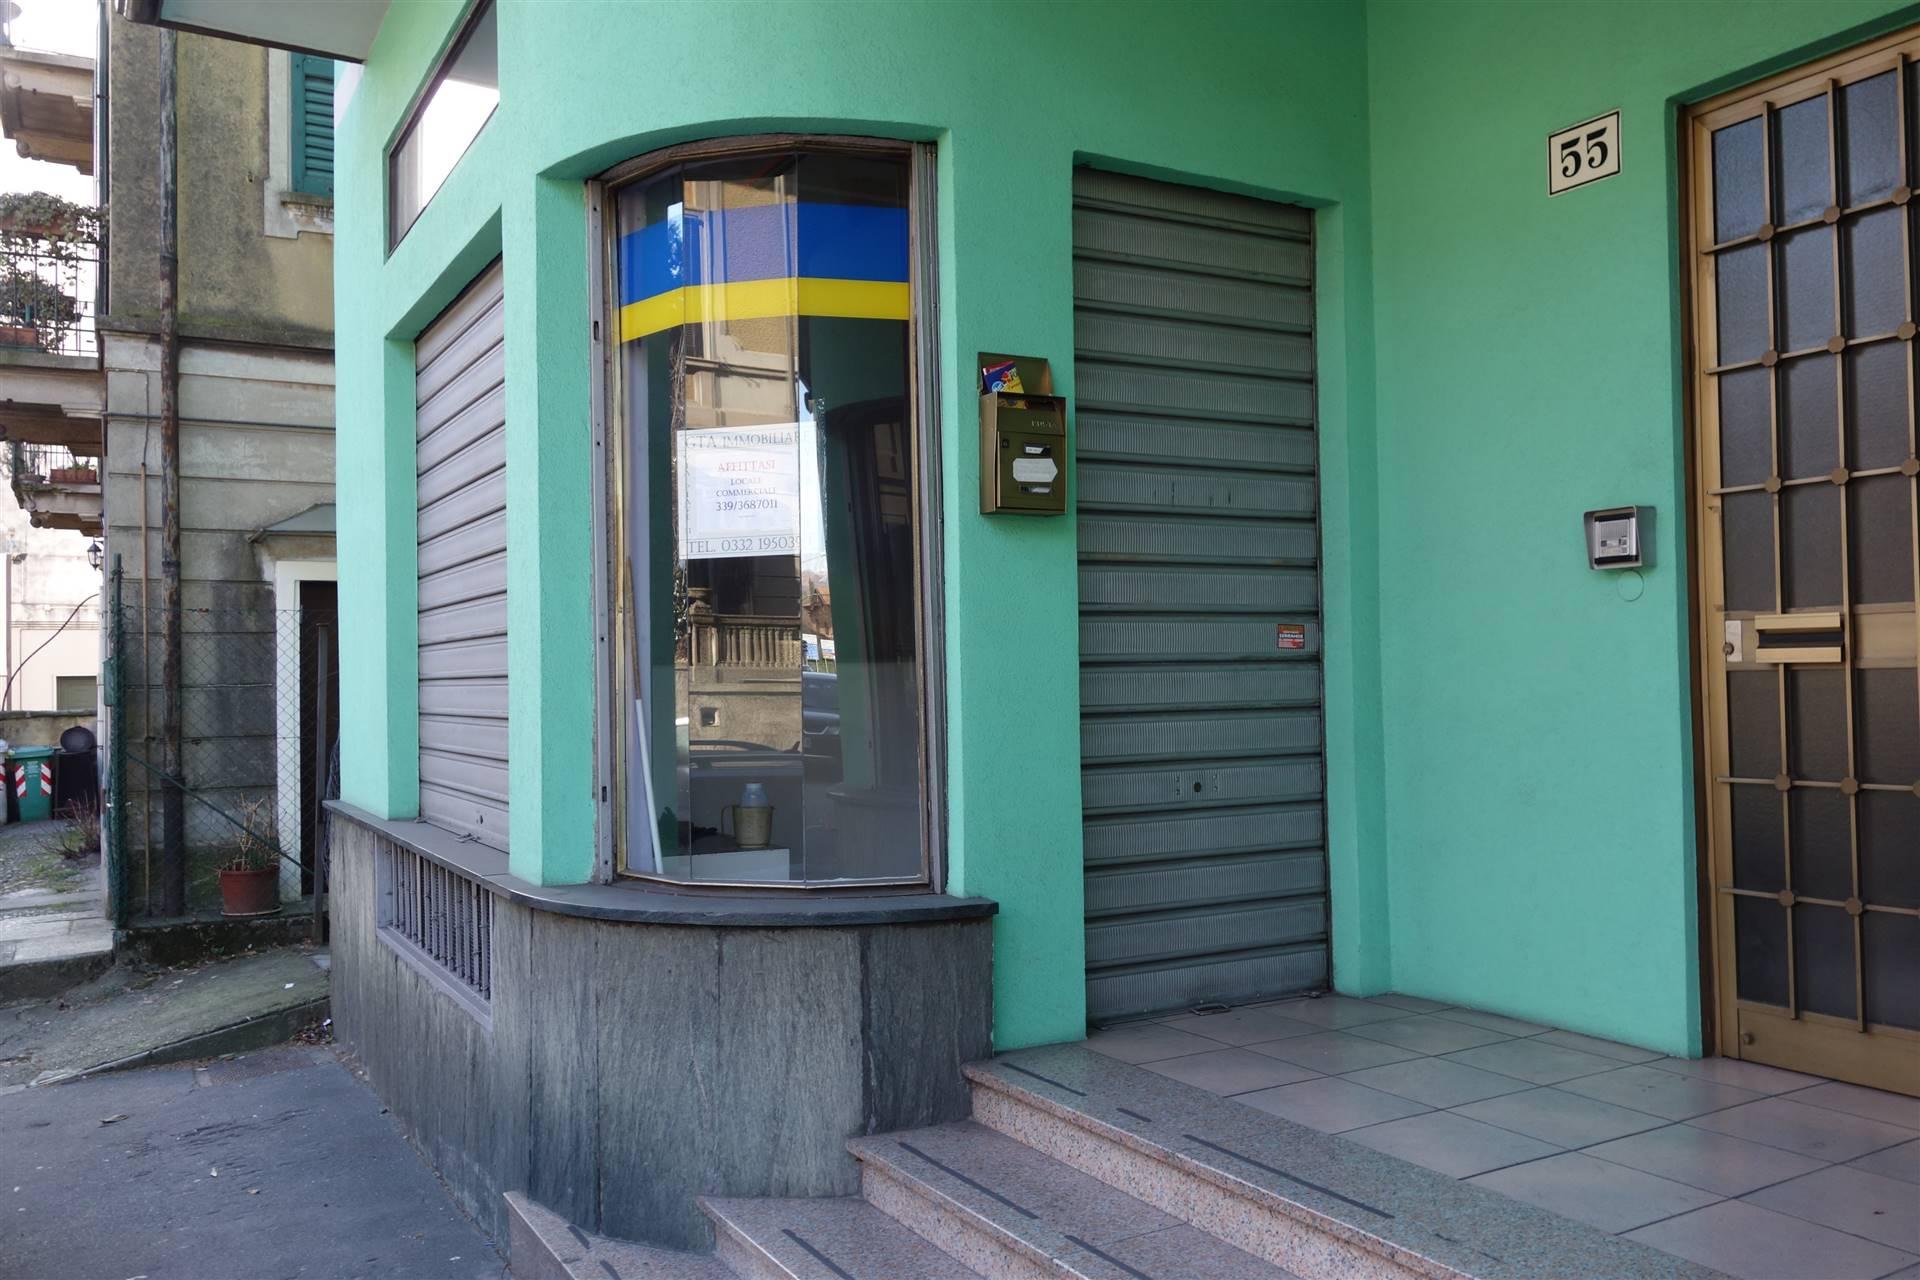 Negozio / Locale in affitto a Varese, 1 locali, prezzo € 550 | PortaleAgenzieImmobiliari.it